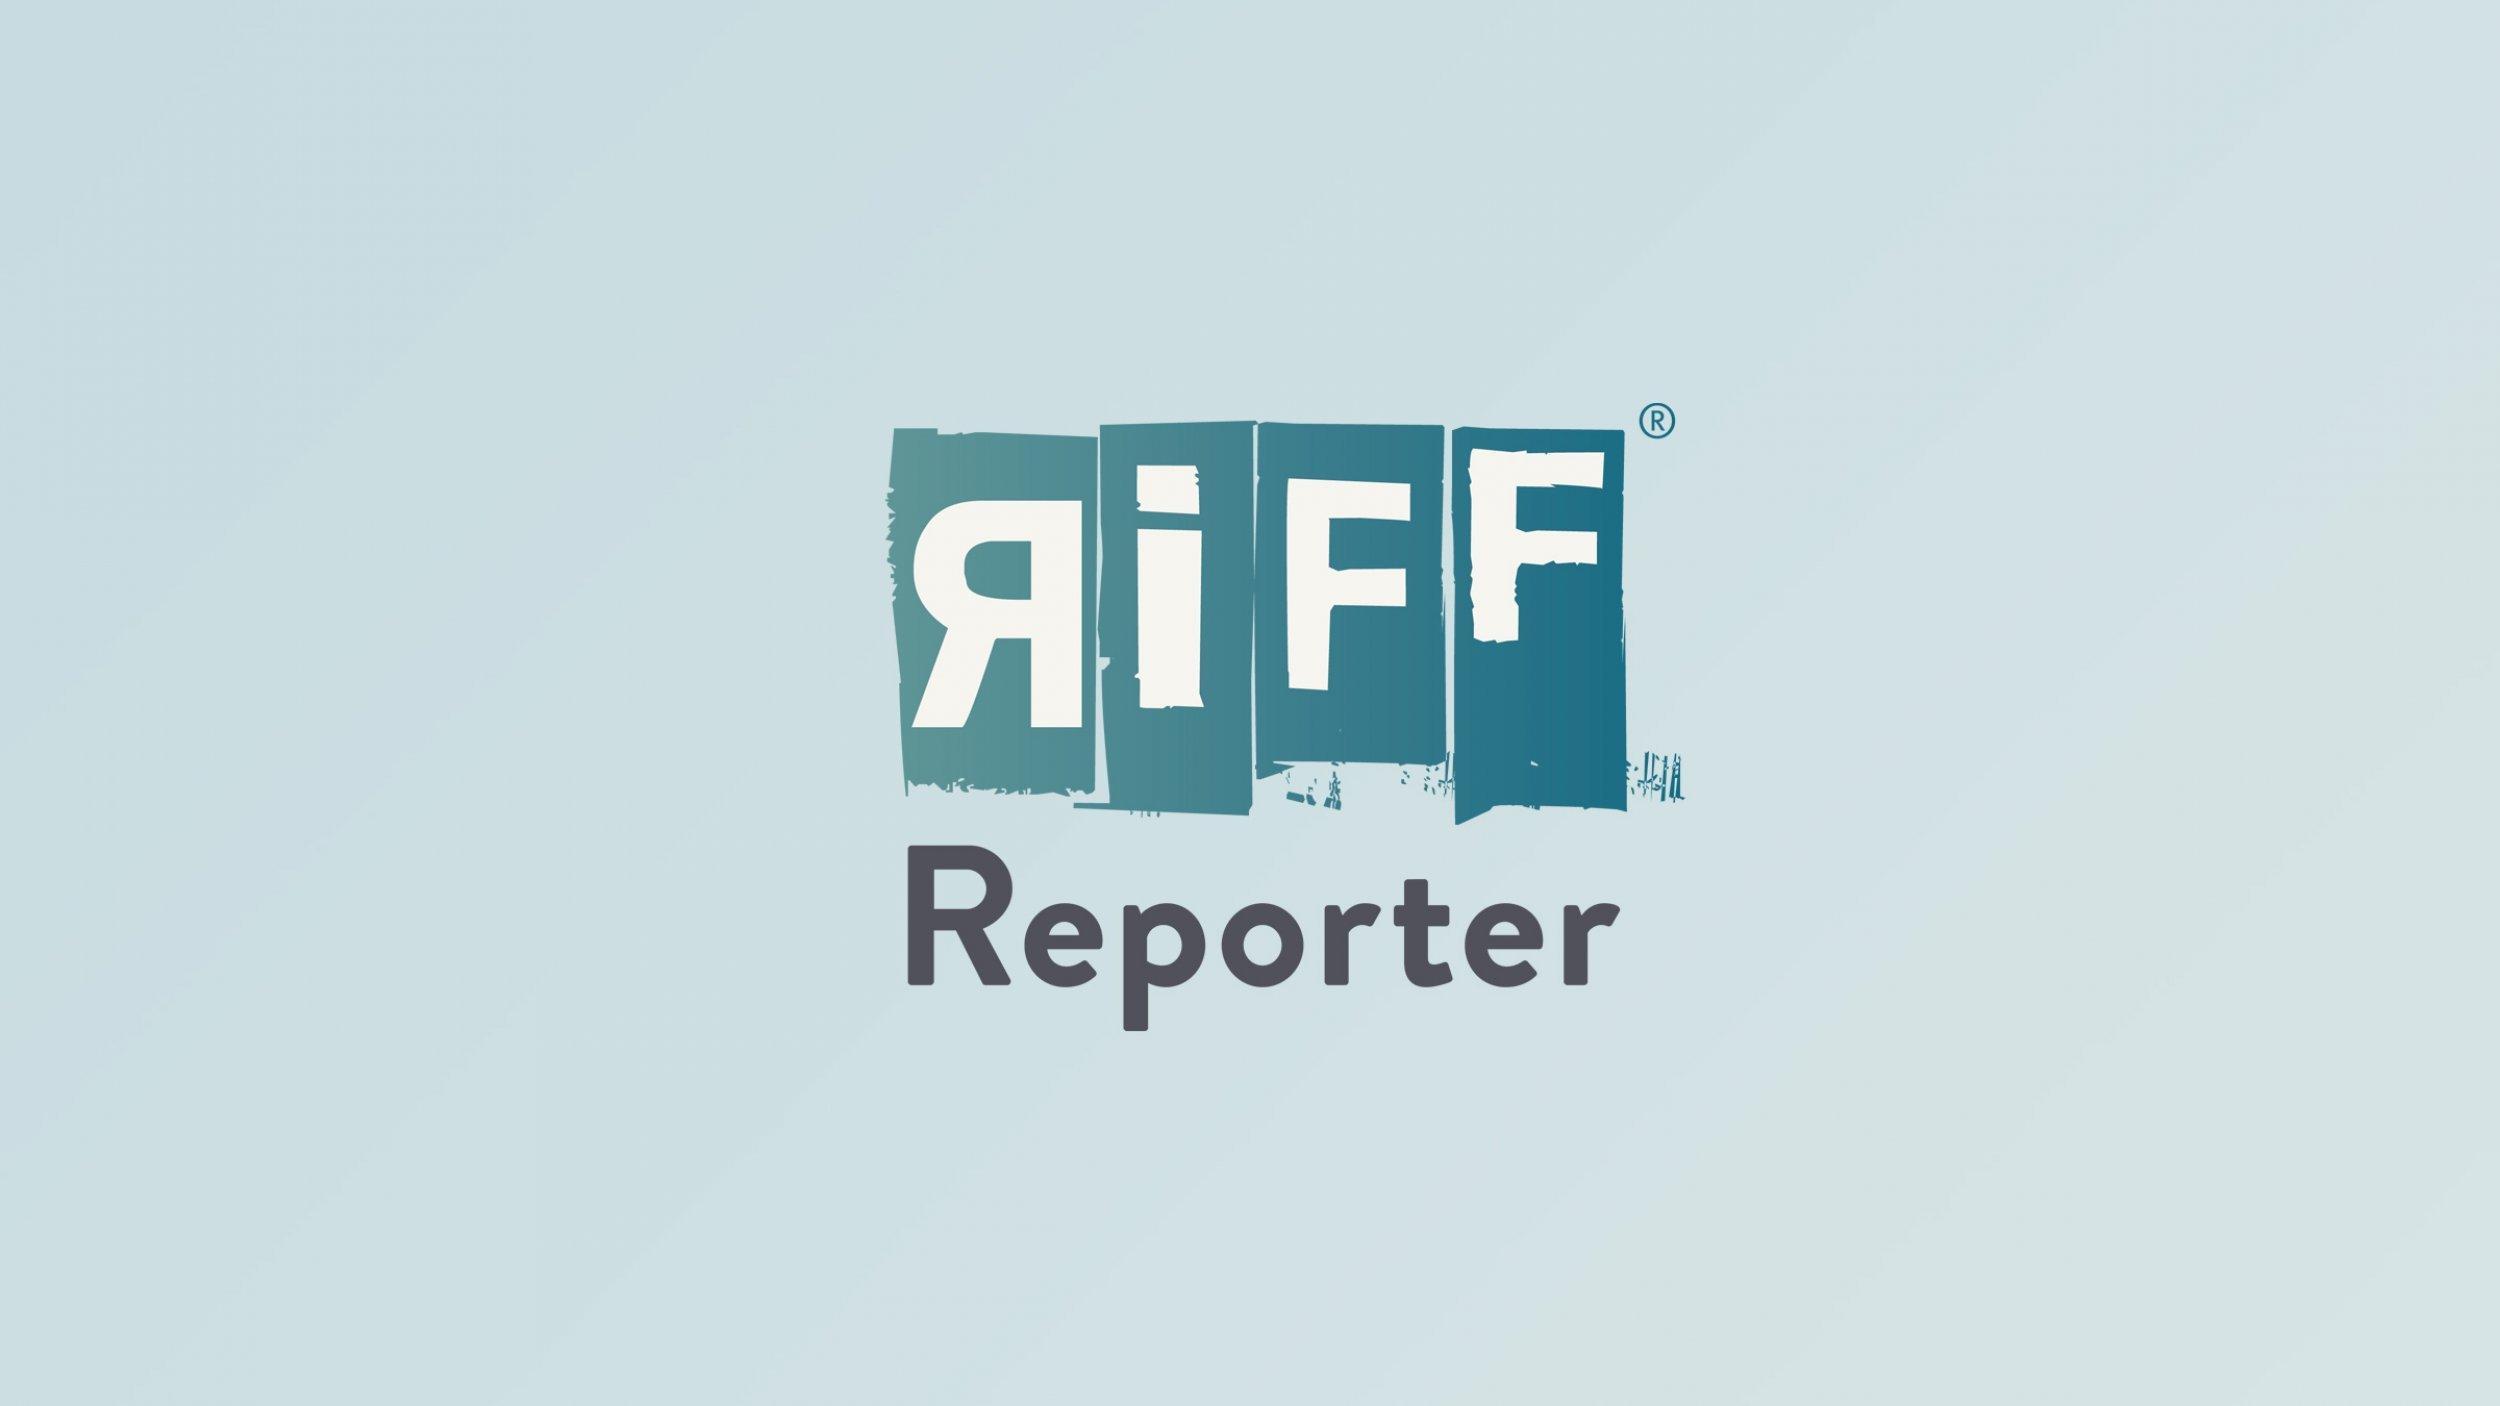 """Eine geöffnete Hand trägt das Wort """"health"""" und ist umgeben von weiteren Worten wie """"exercise"""", """"nutrition"""", """"control"""", """"genetics"""", """"sleep"""", """"age"""" u.s.w."""